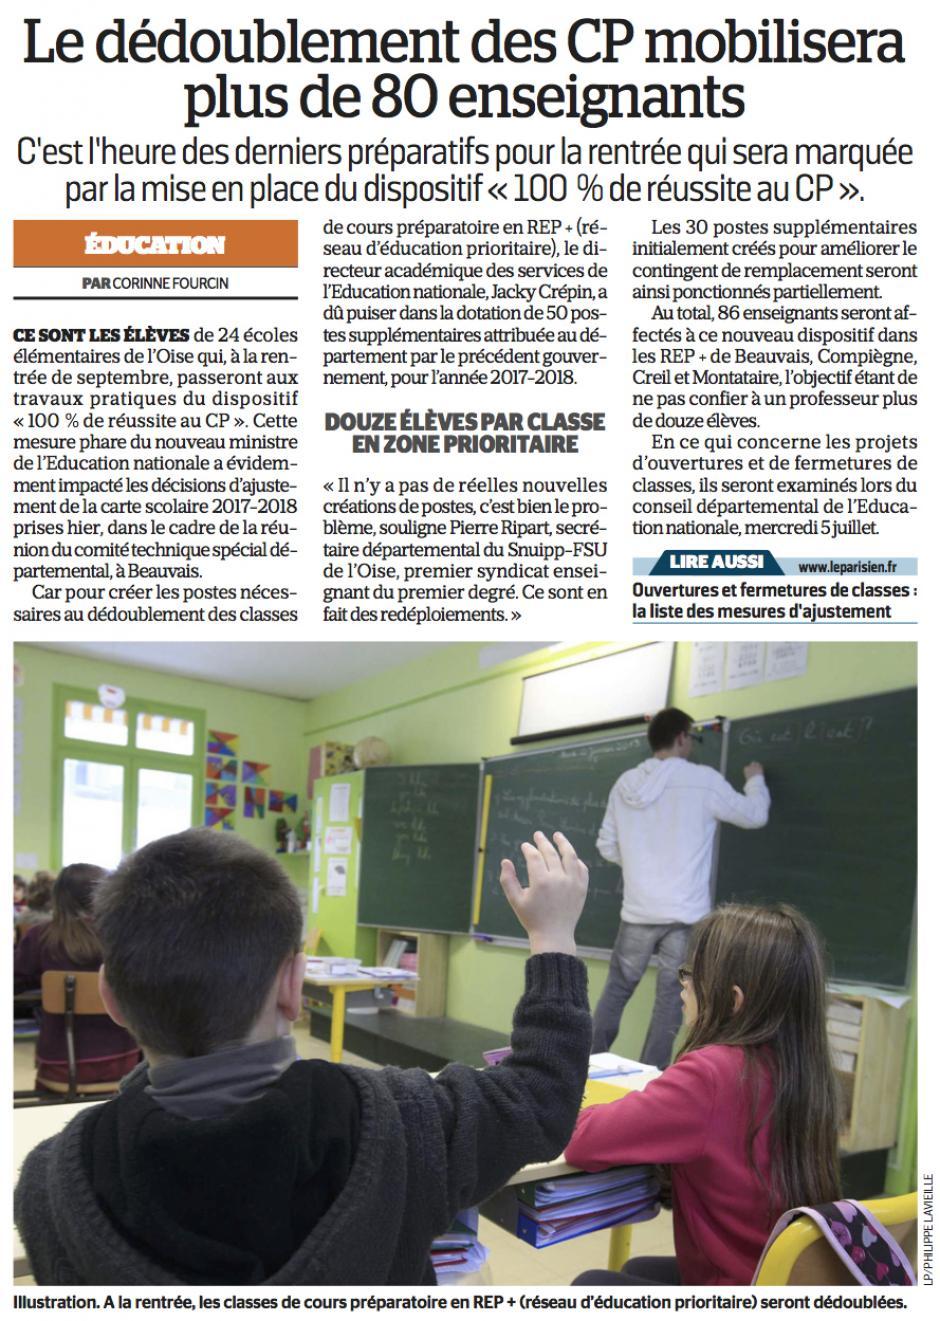 20170628-LeP-Oise-Le dédoublement des CP mobilisera plus de 80 enseignants